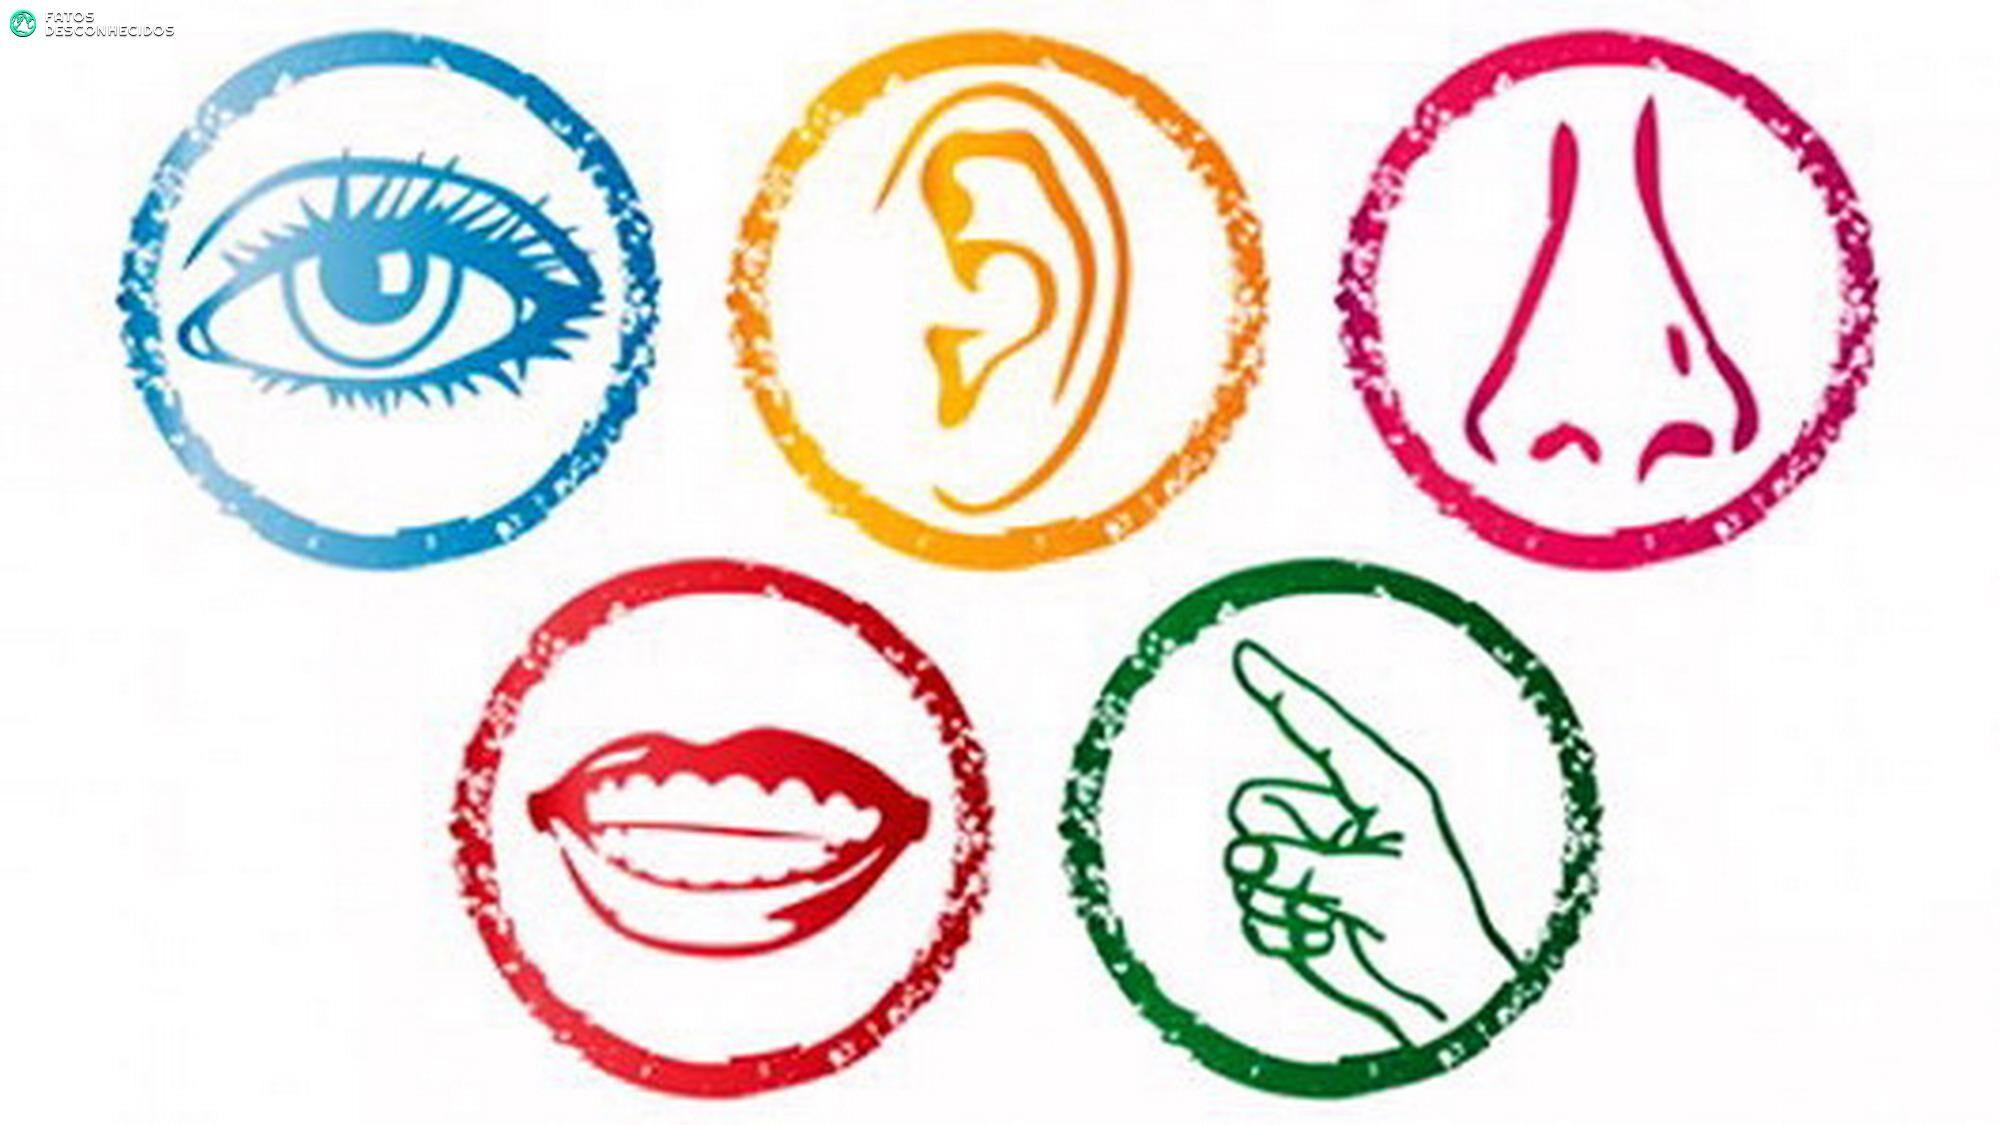 Quebrando mitos: todos temos mais de 5 sentidos